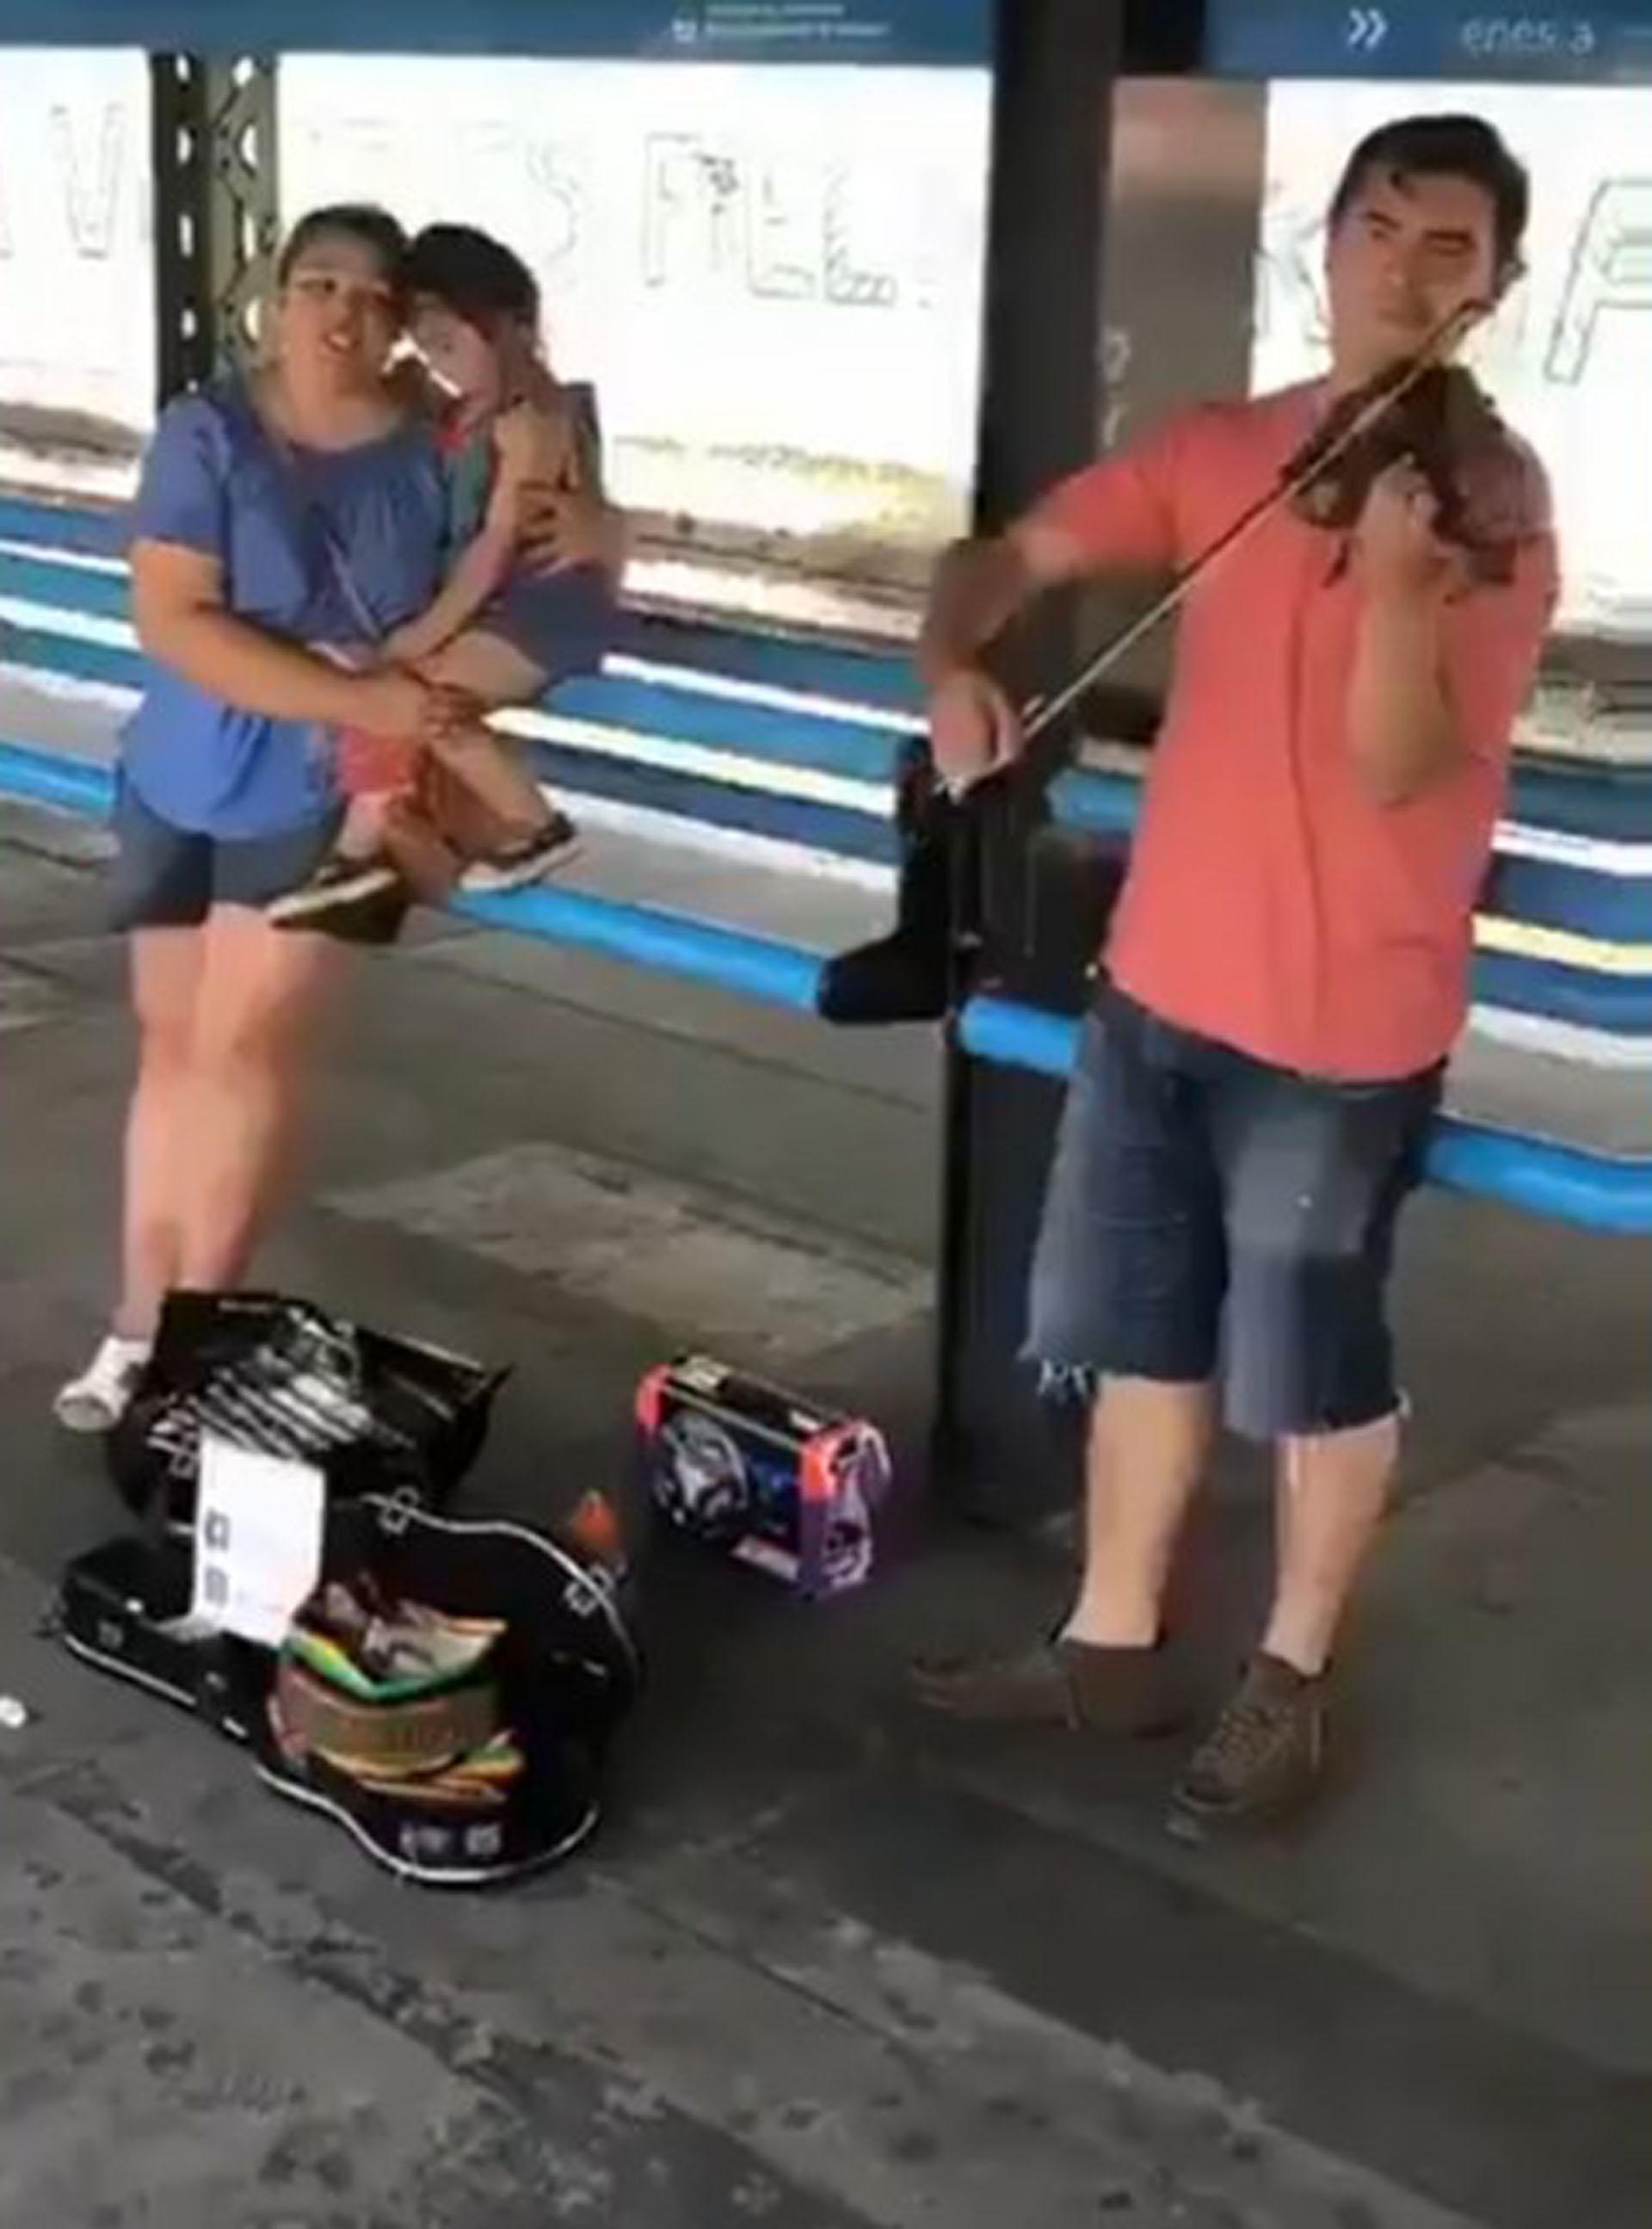 La imagen que se hizo viral: la familia interpretando una pieza de ópera en la estación de Lanús